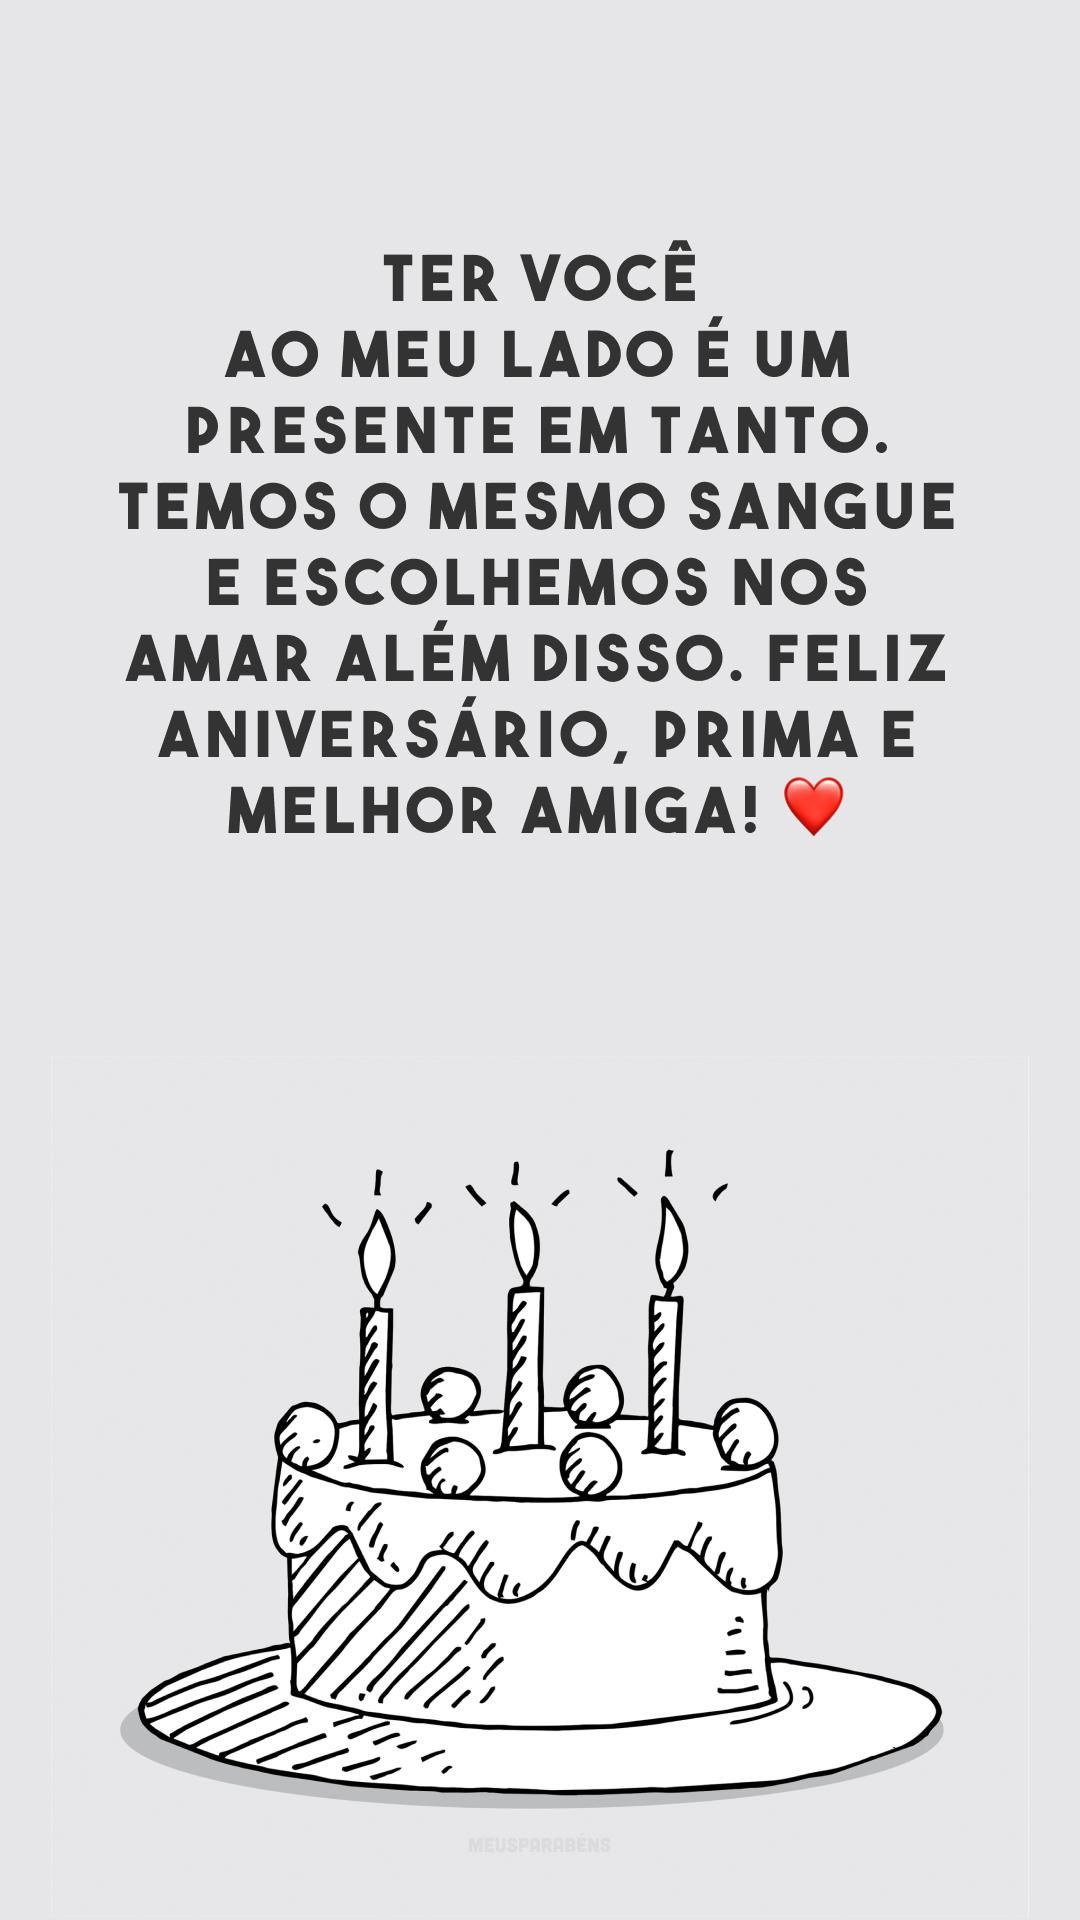 Ter você ao meu lado é um presente em tanto. Temos o mesmo sangue e escolhemos nos amar além disso. Feliz aniversário, prima e melhor amiga! ❤️